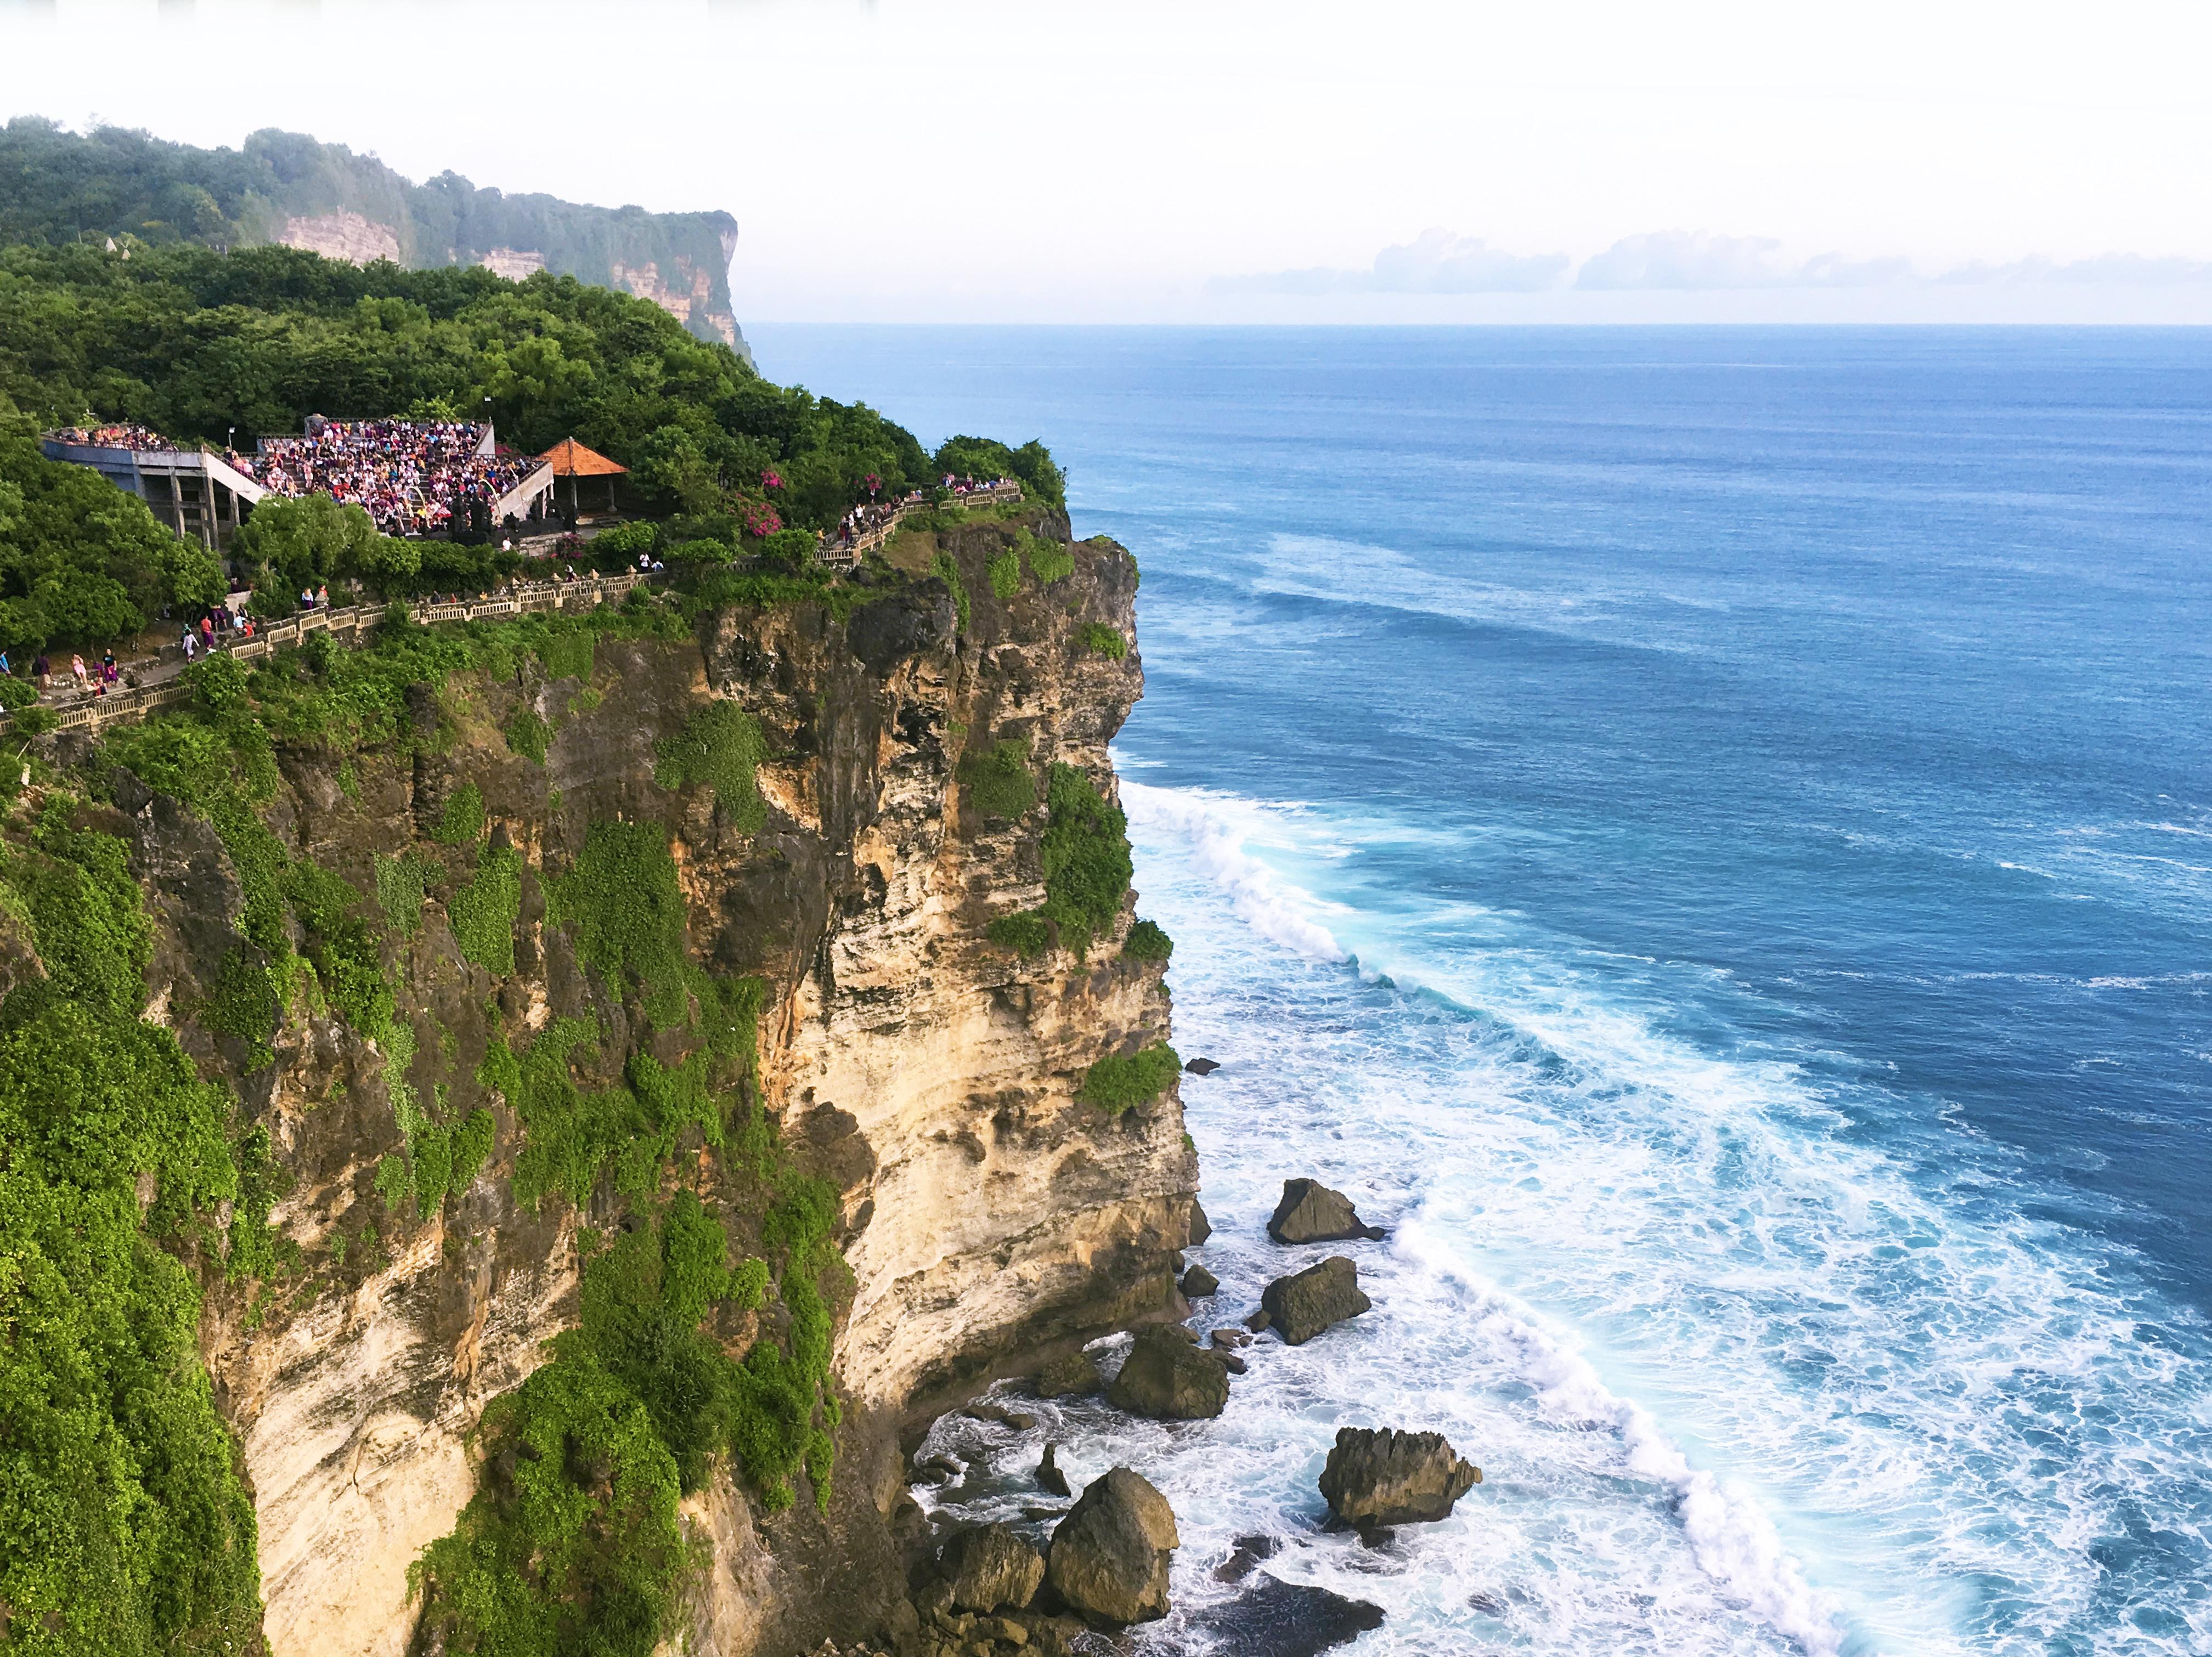 asia, indonesia, bali, cliffs, ocean, viewpoint, азия, индонезия, бали, утесы, океан, вьюпоинт